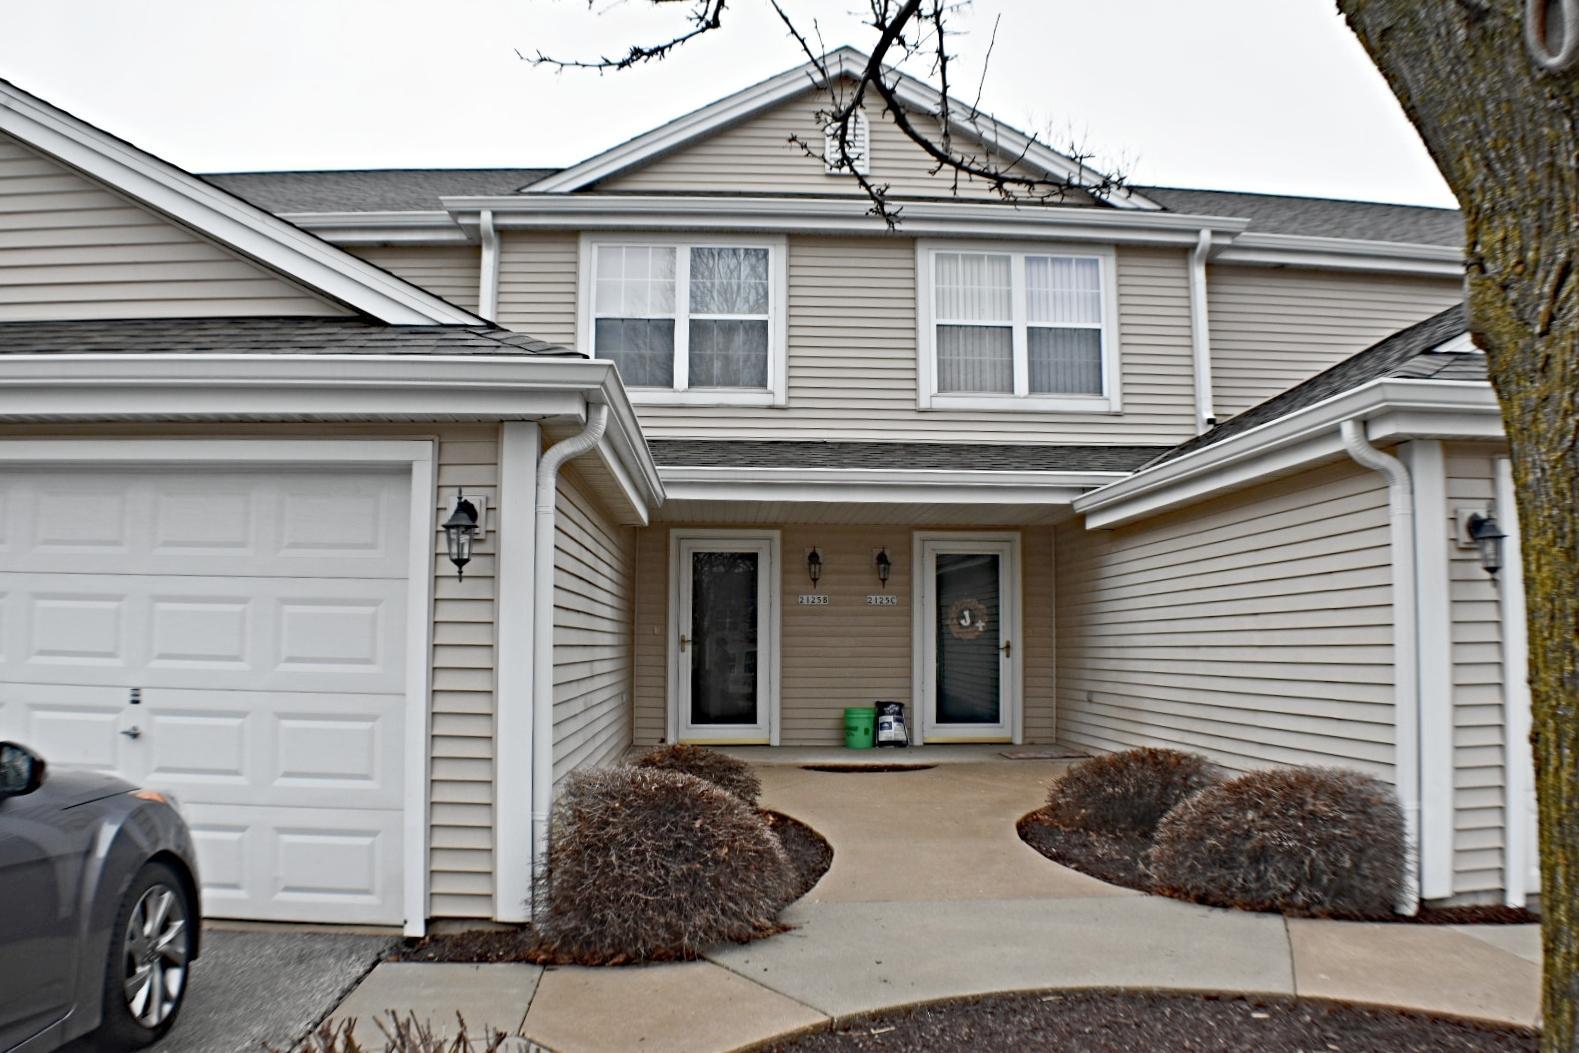 2125 Broadway, Waukesha, Wisconsin 53186, 2 Bedrooms Bedrooms, 5 Rooms Rooms,1 BathroomBathrooms,Condominiums,For Sale,Broadway,1,1682077